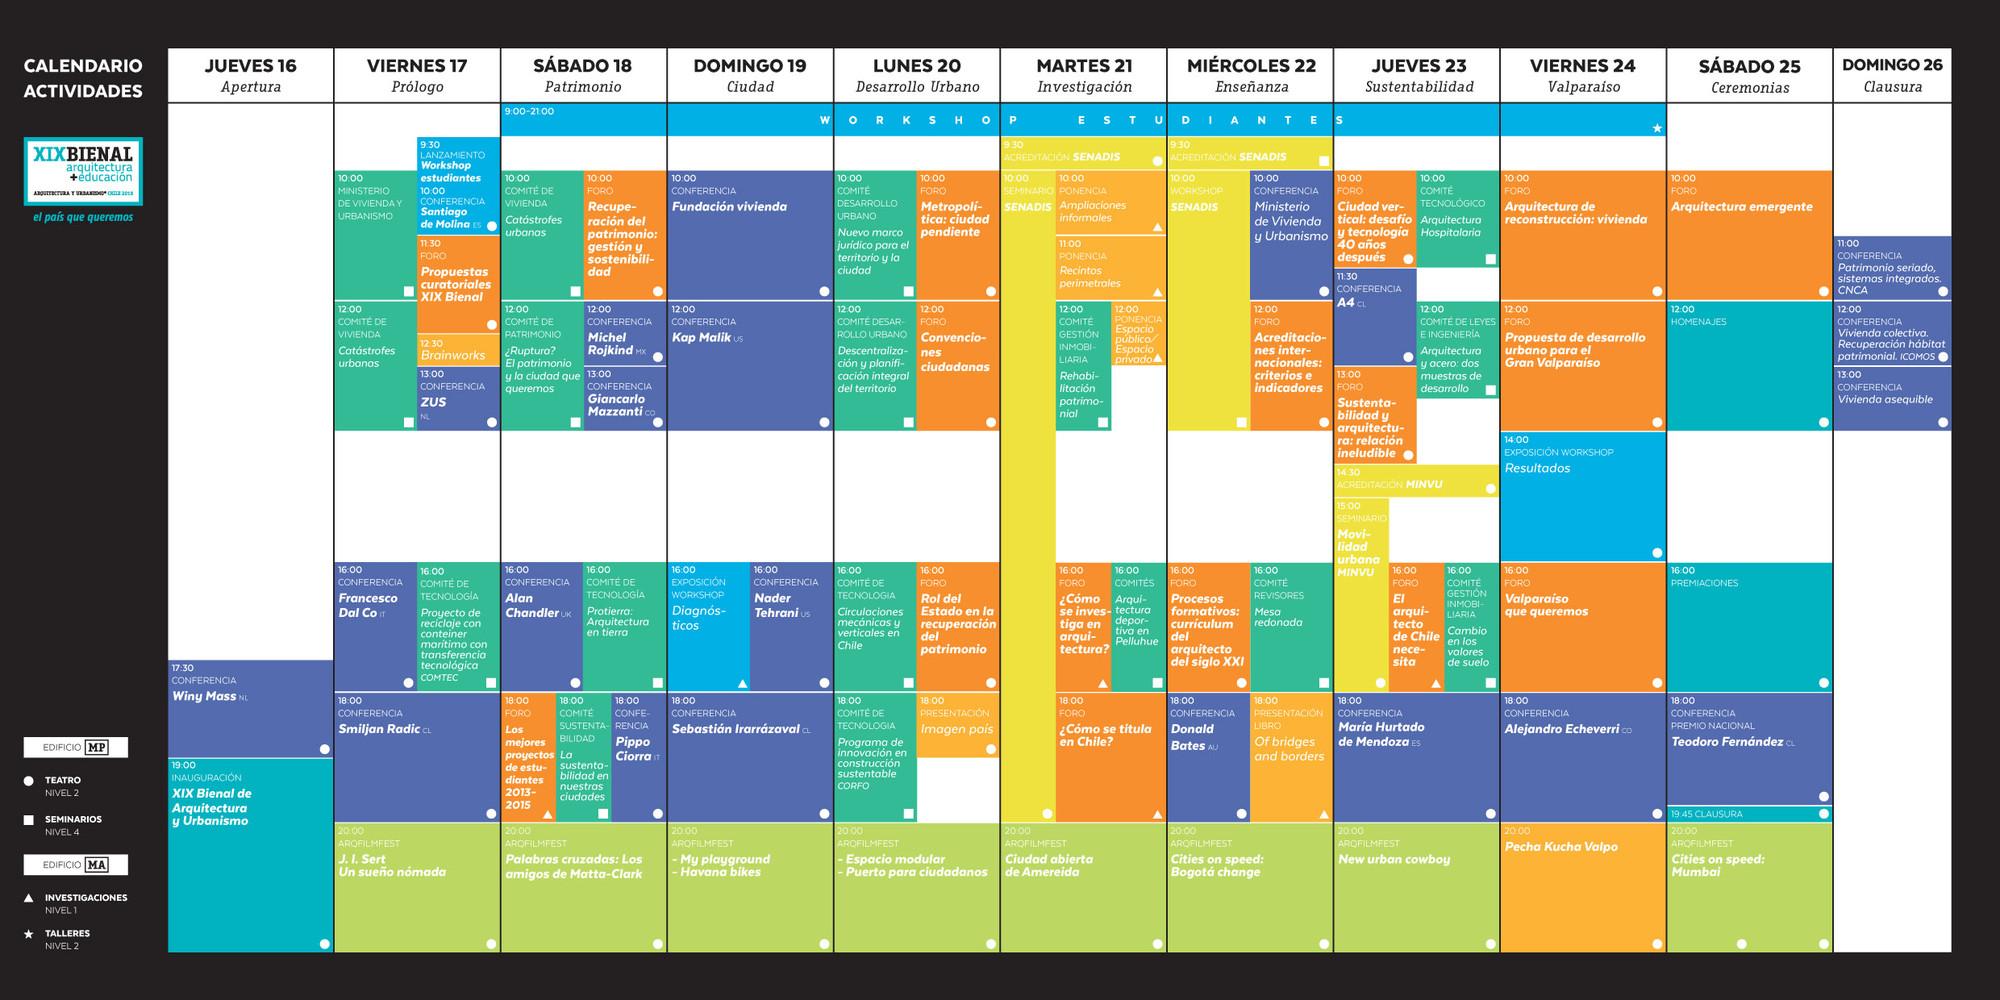 Conoce el programa completo de actividades gratuitas en la for Programas de arquitectura